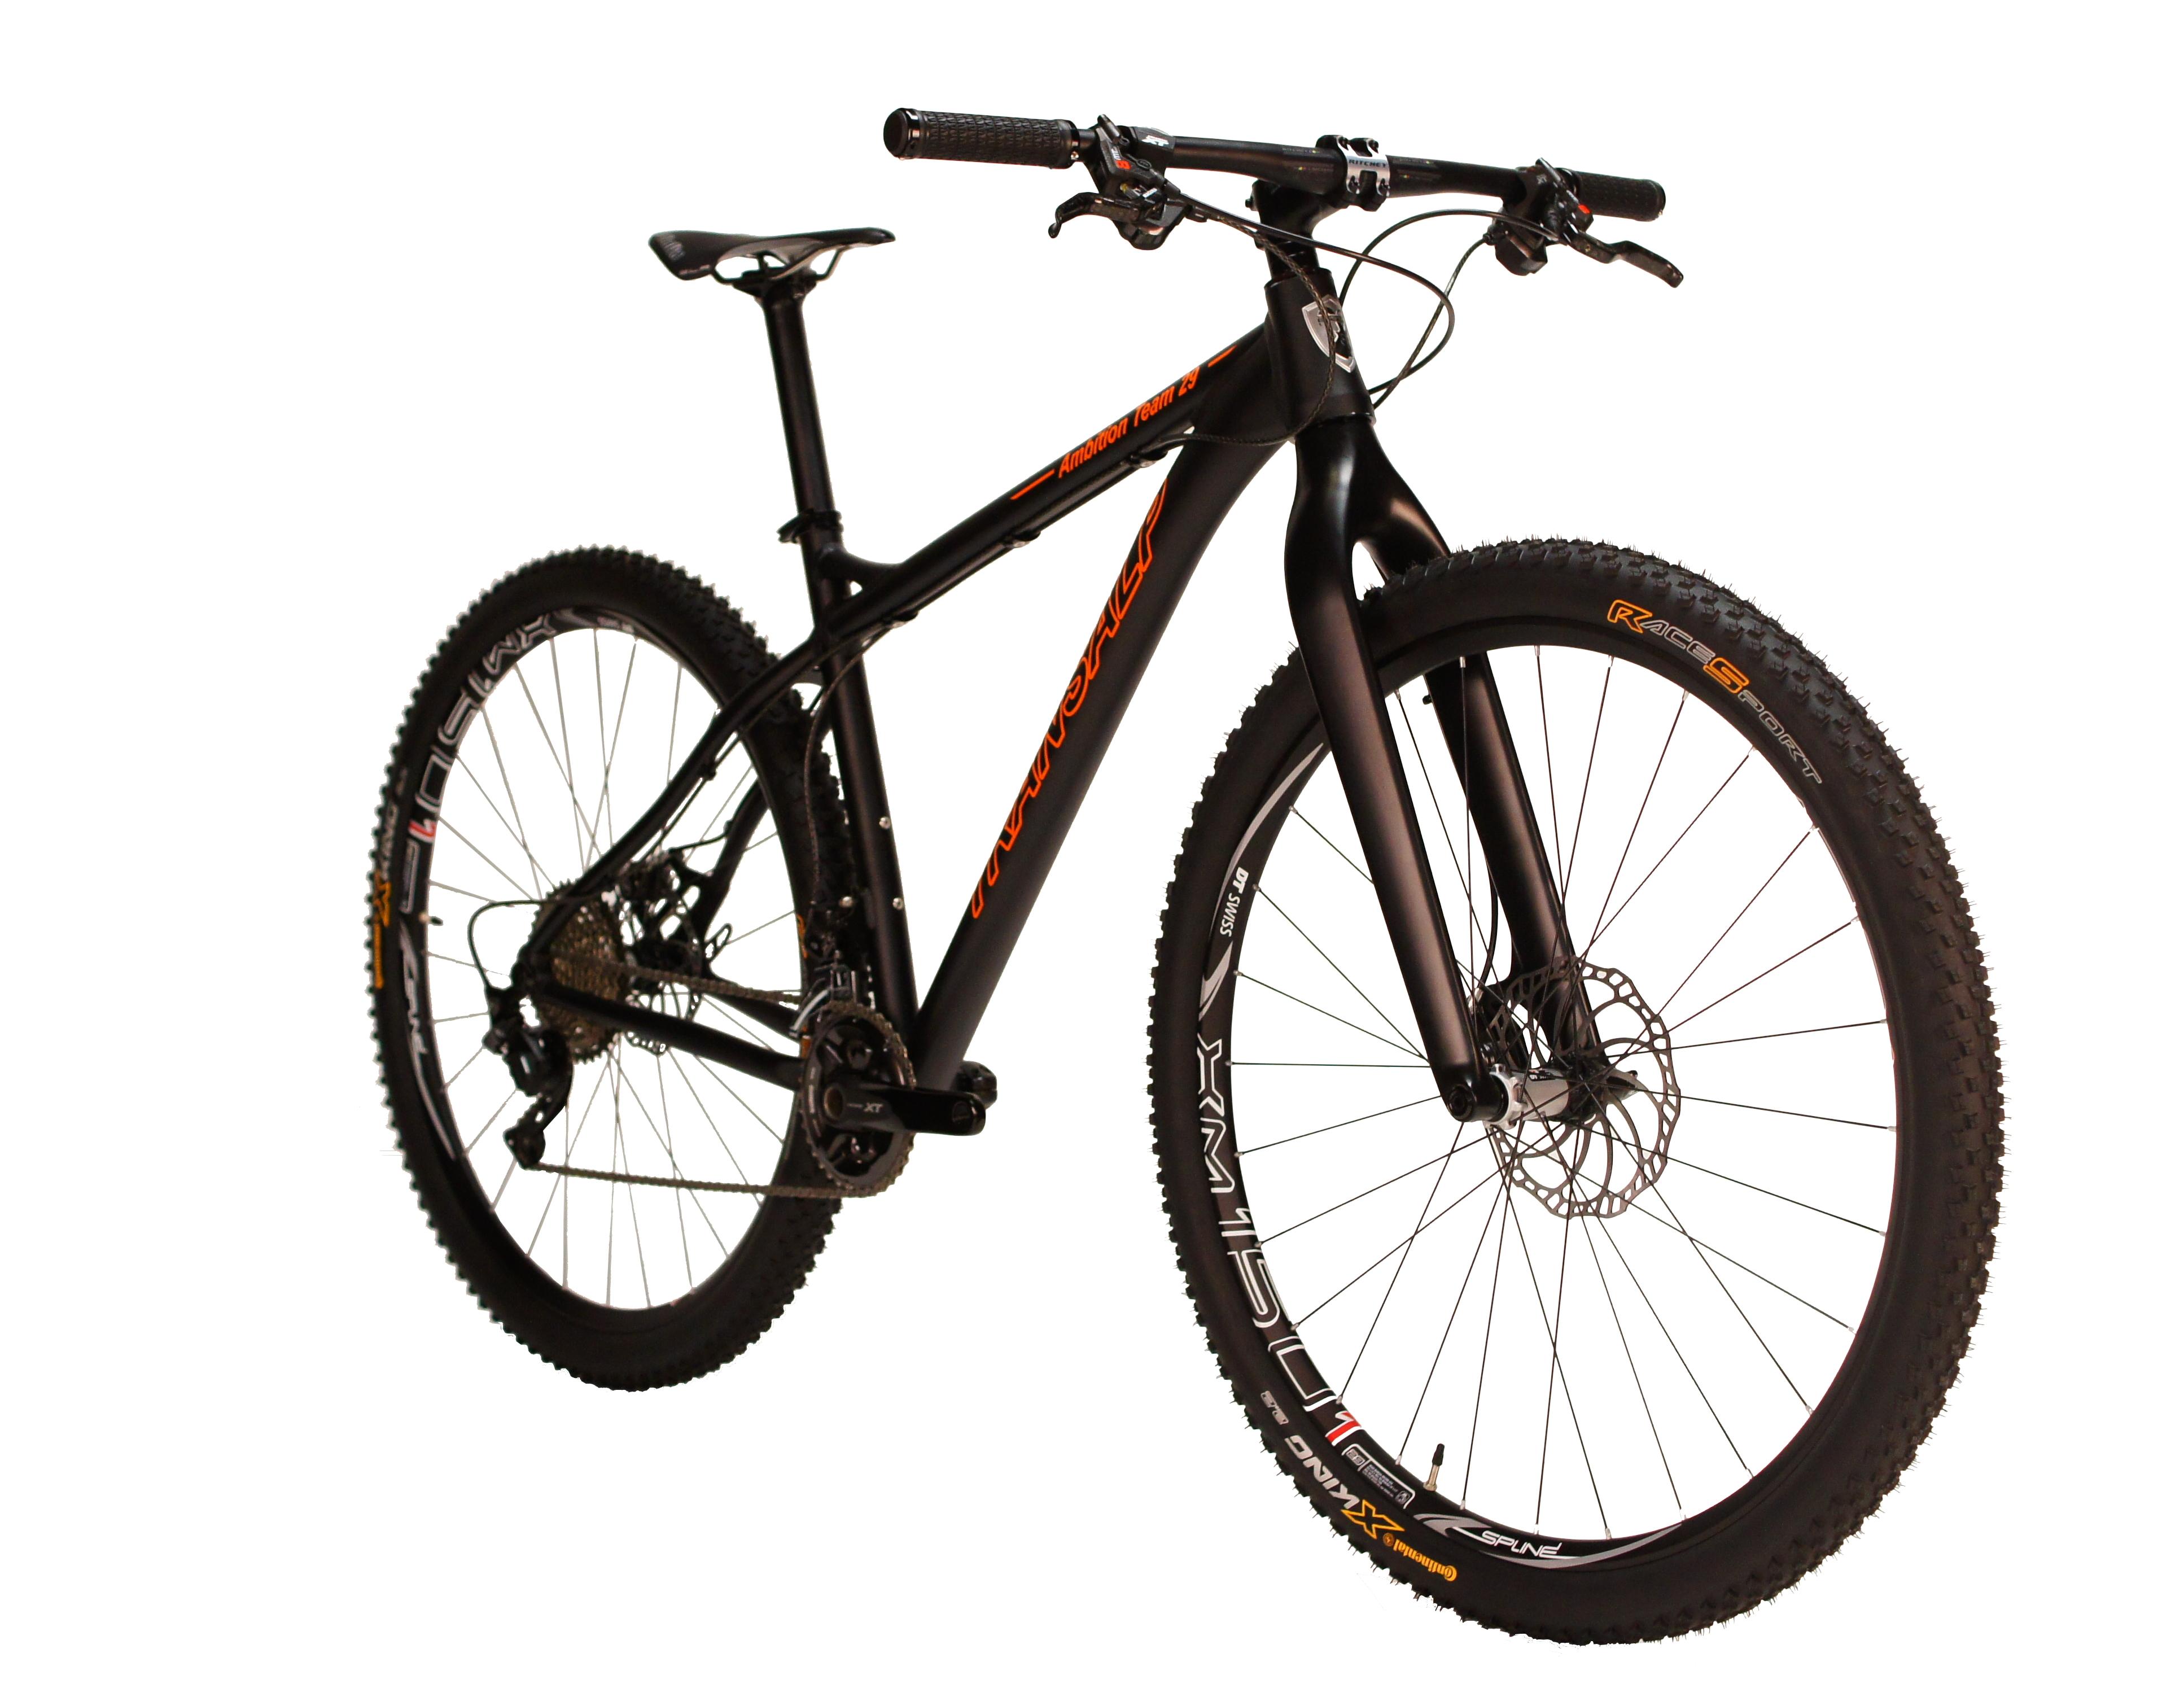 Starrbike MTB - Transalp Bikes - Transalp Bikes